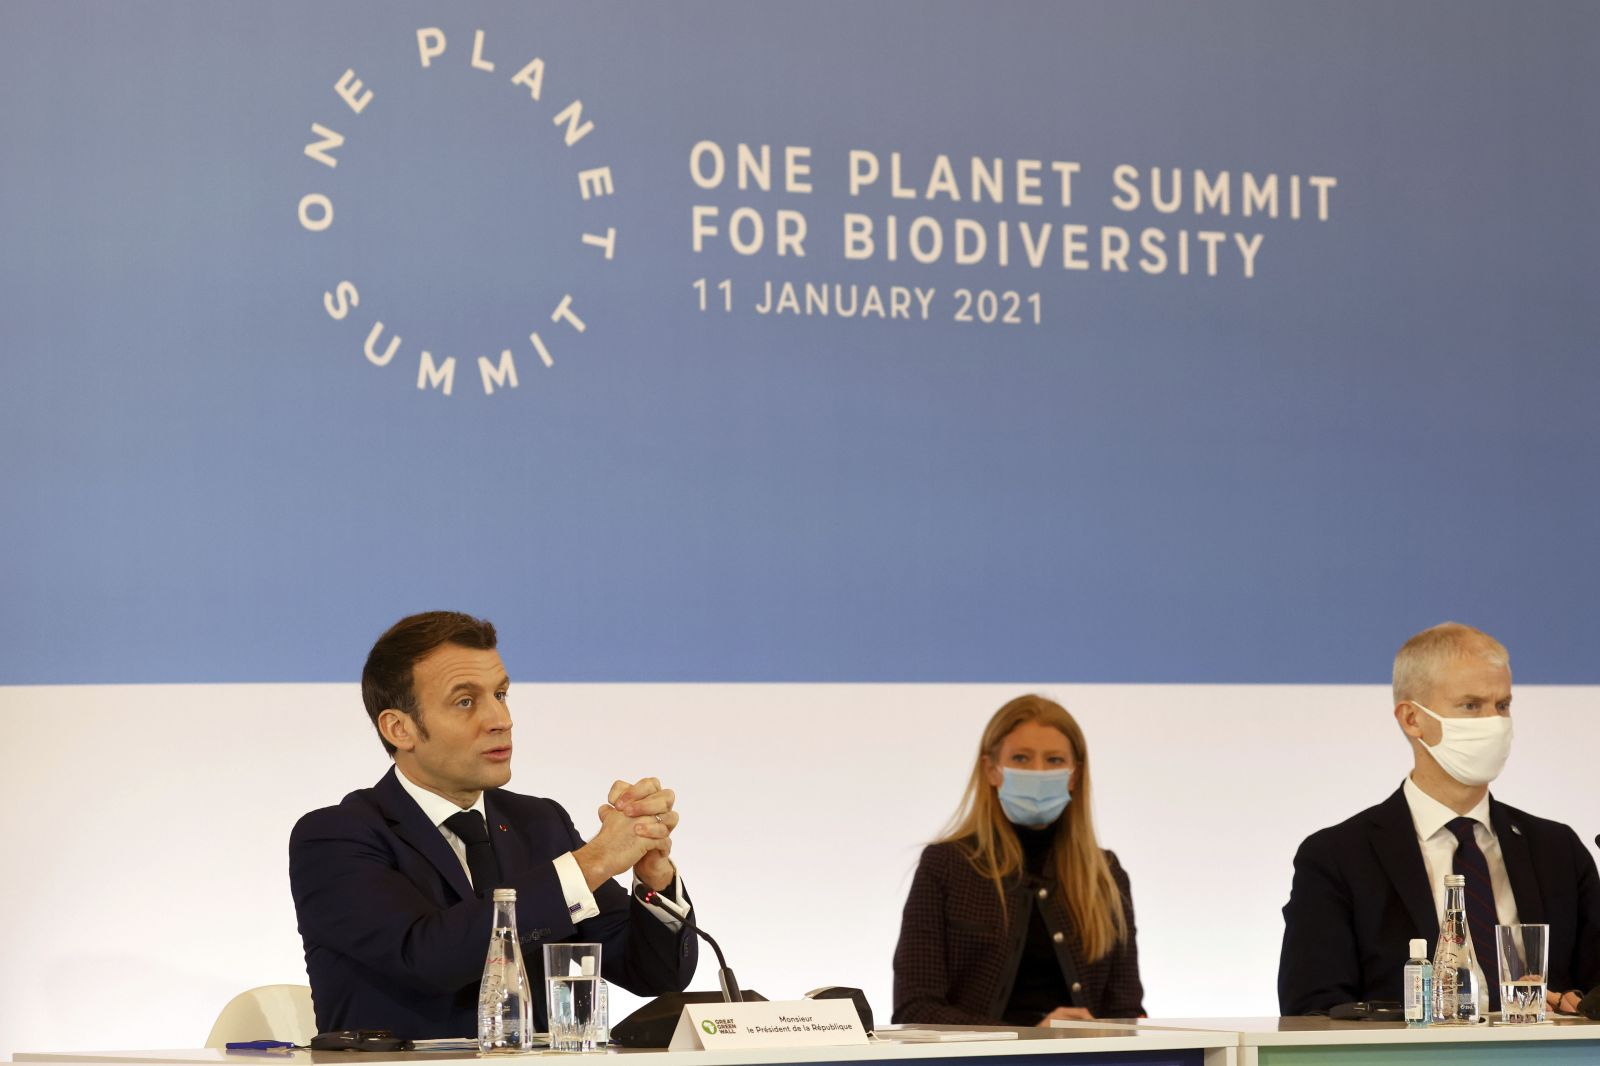 Svetoví lídri vyčlenili 14,3 miliardy dolárov na boj proti klimatickej kríze. Plánujú zastaviť rozširovanie saharskej púšte